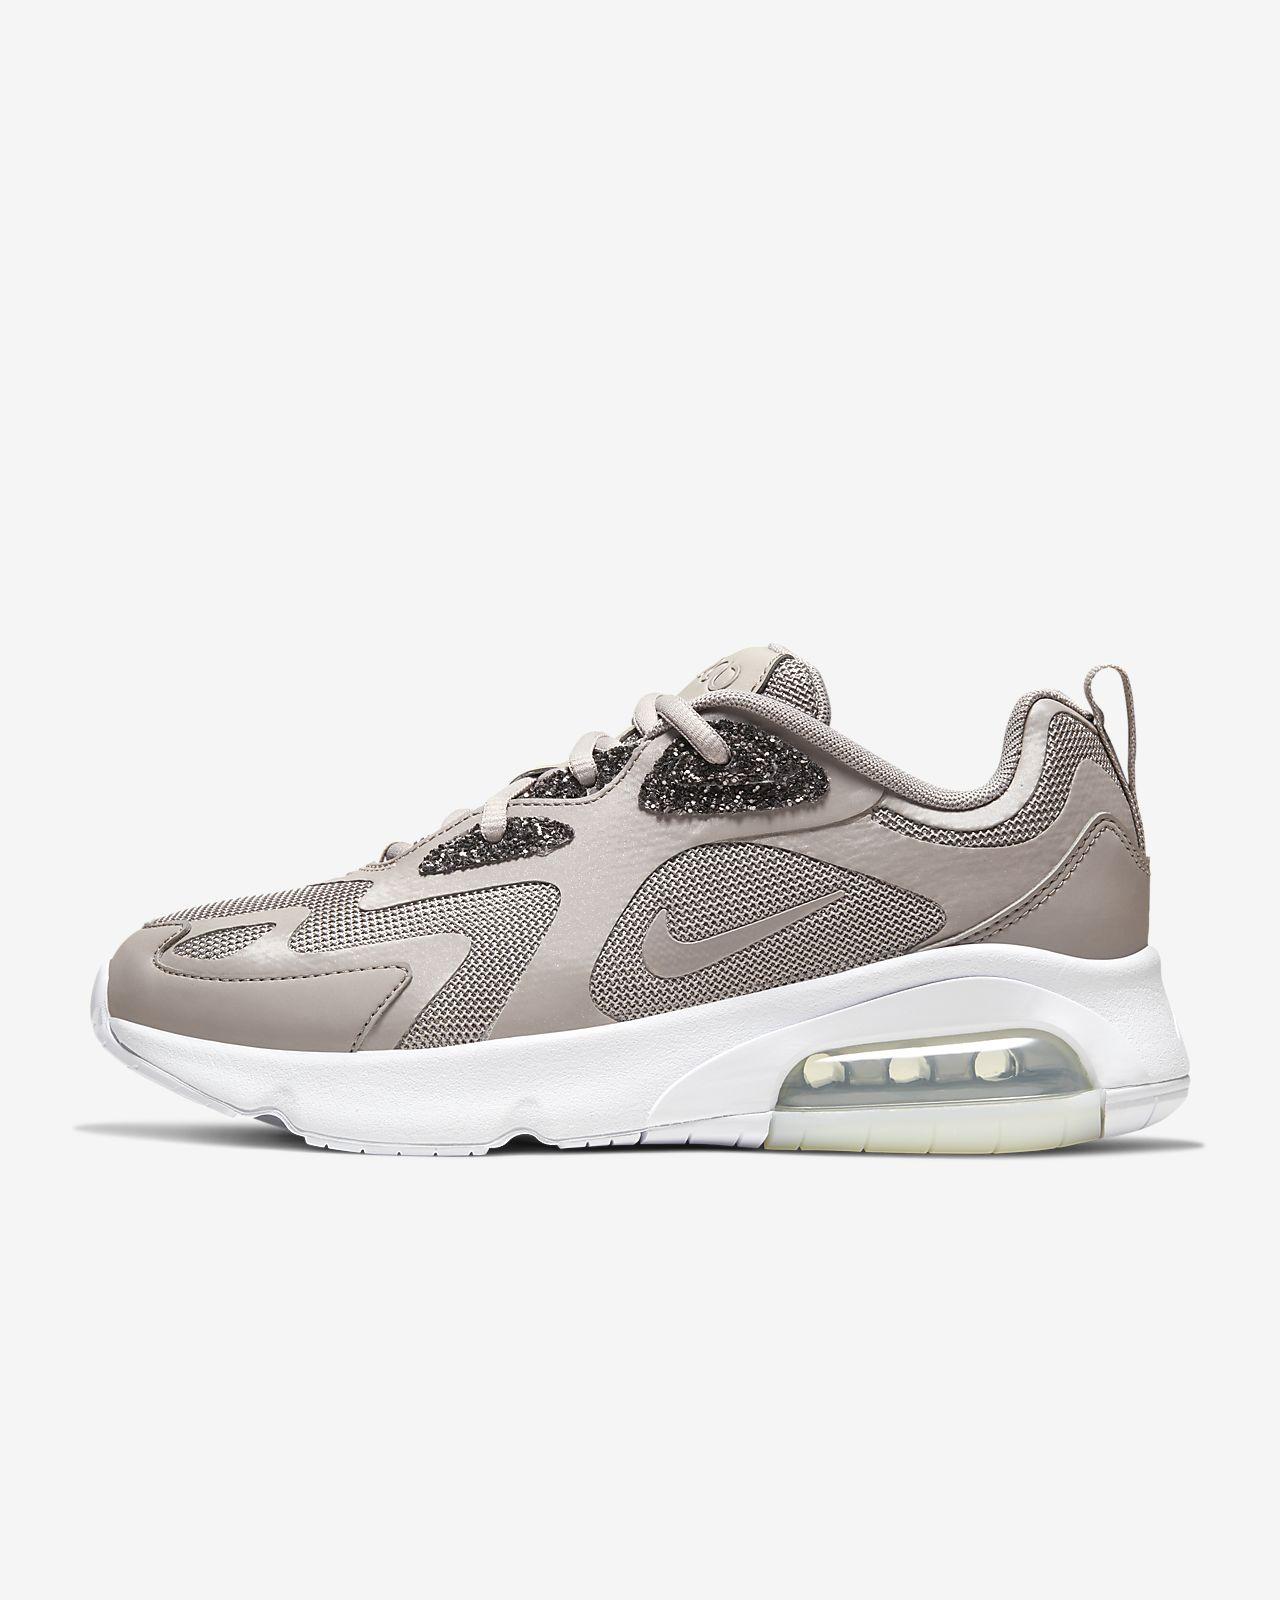 Damskie połyskujące buty Nike Air Max 200